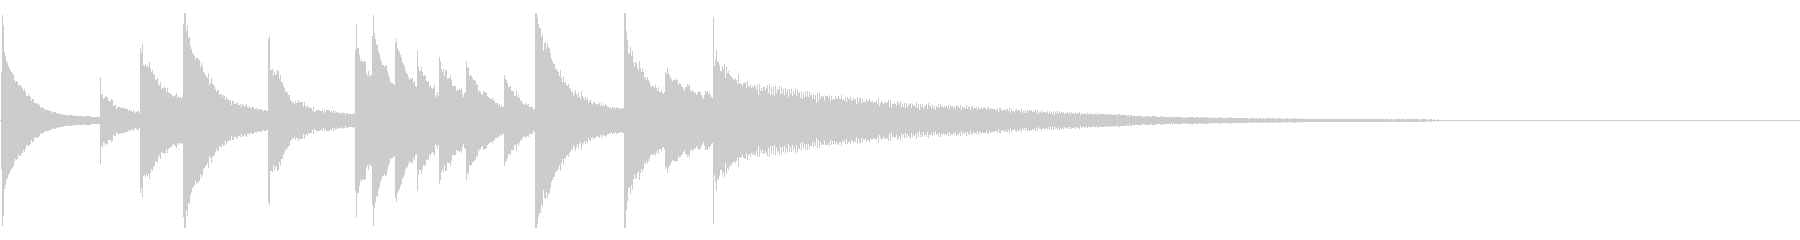 オーケストラベル:3月、SHORTの未再生の波形